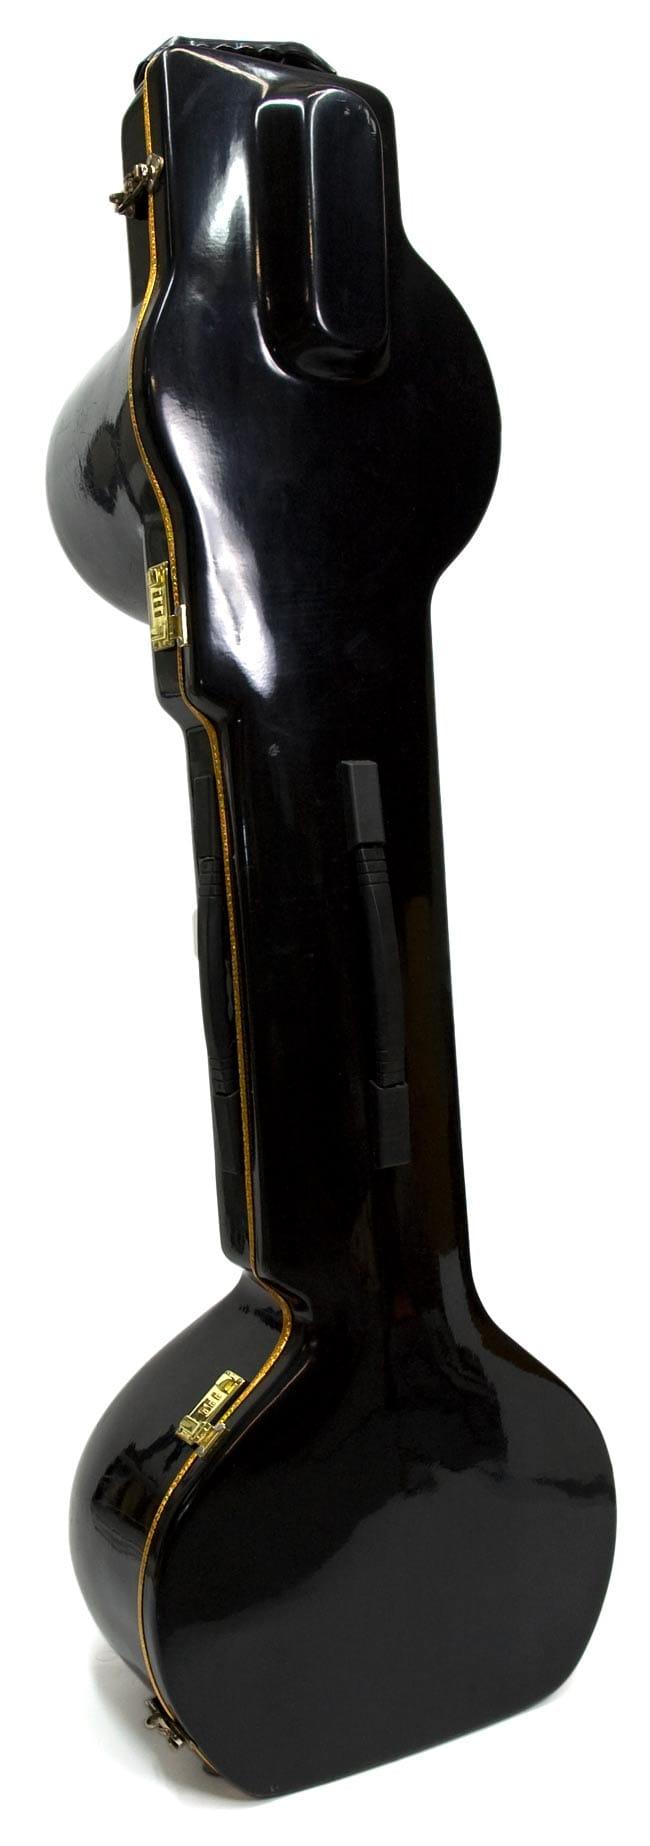 [インド品質]【PALOMA社製】ダブルトゥンバ練習用シタールセット(グラスファイバーケース) 13 - ハードケースと替え弦1セット、ミズラーブが付属するので安心!